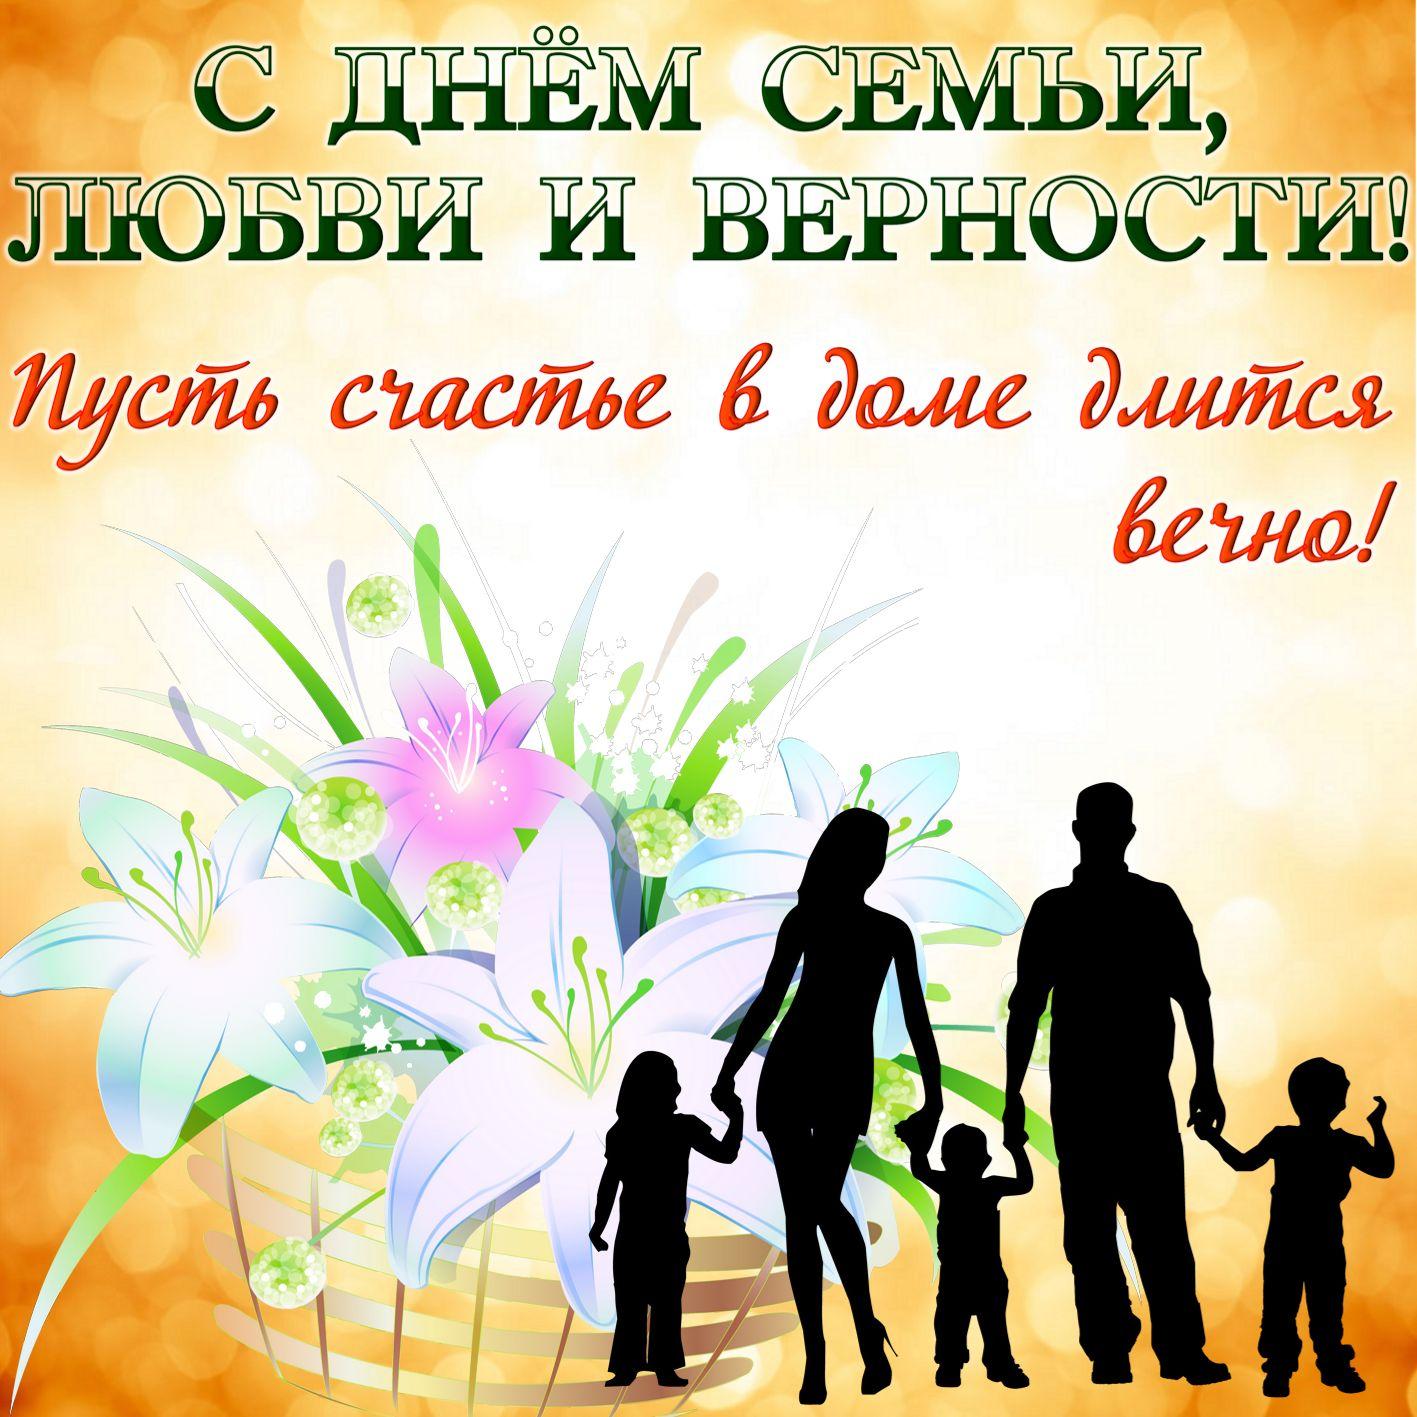 Открытка в день семьи и верности